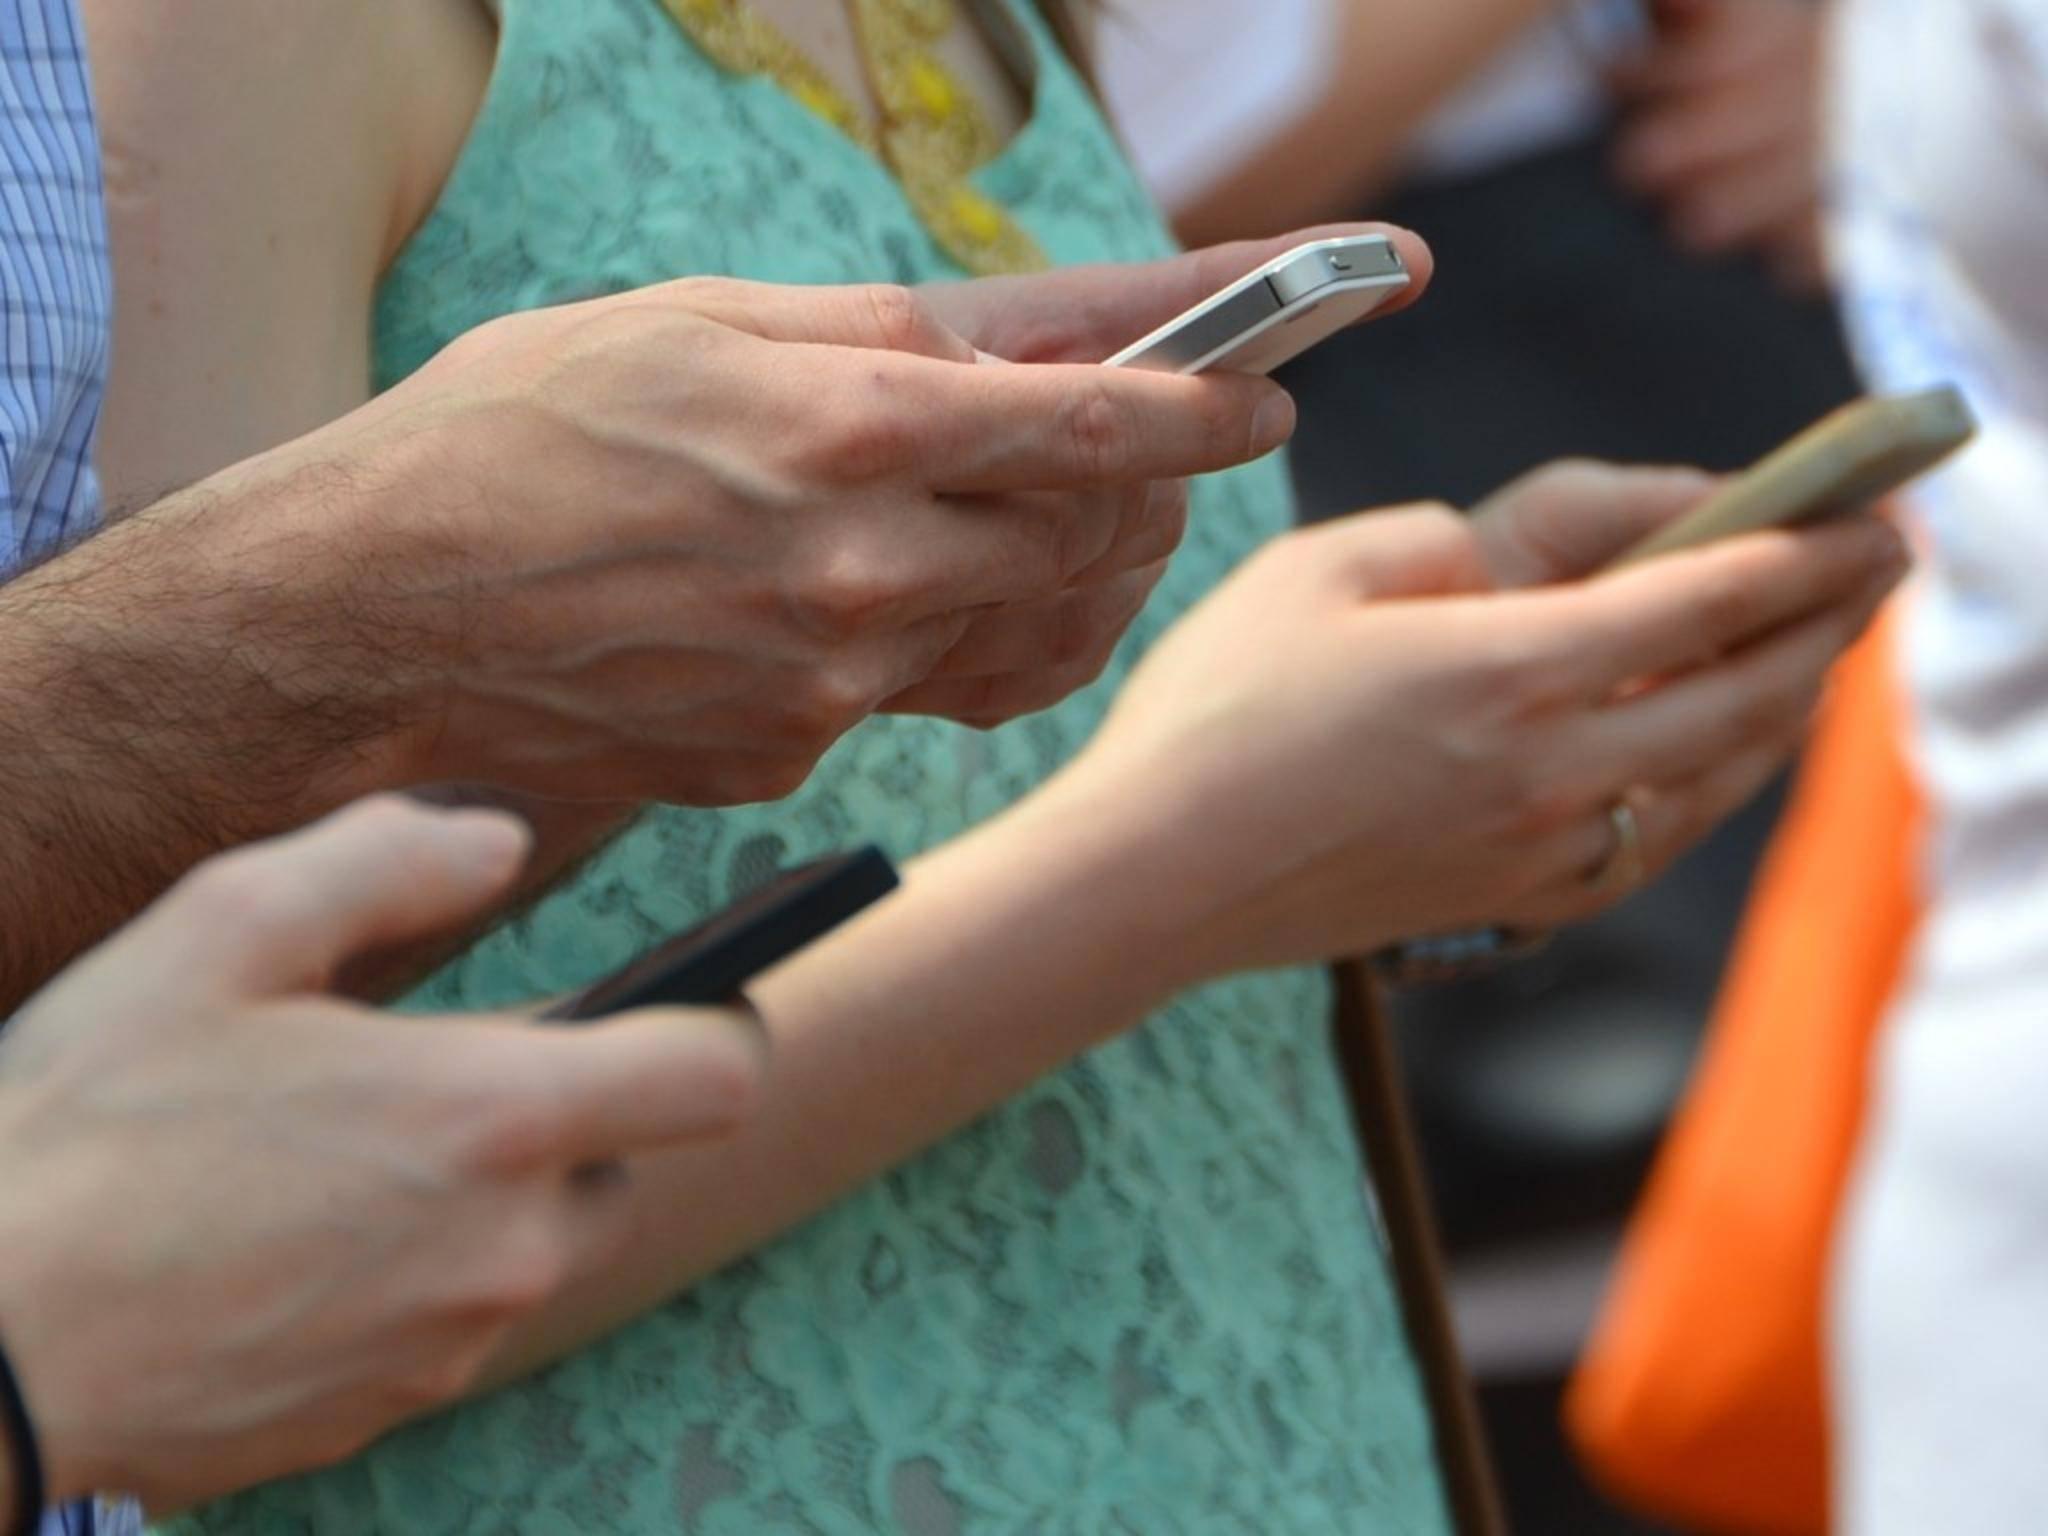 Vielschreibern droht in Zukunft eine temporäre WhatsApp-Sperre.